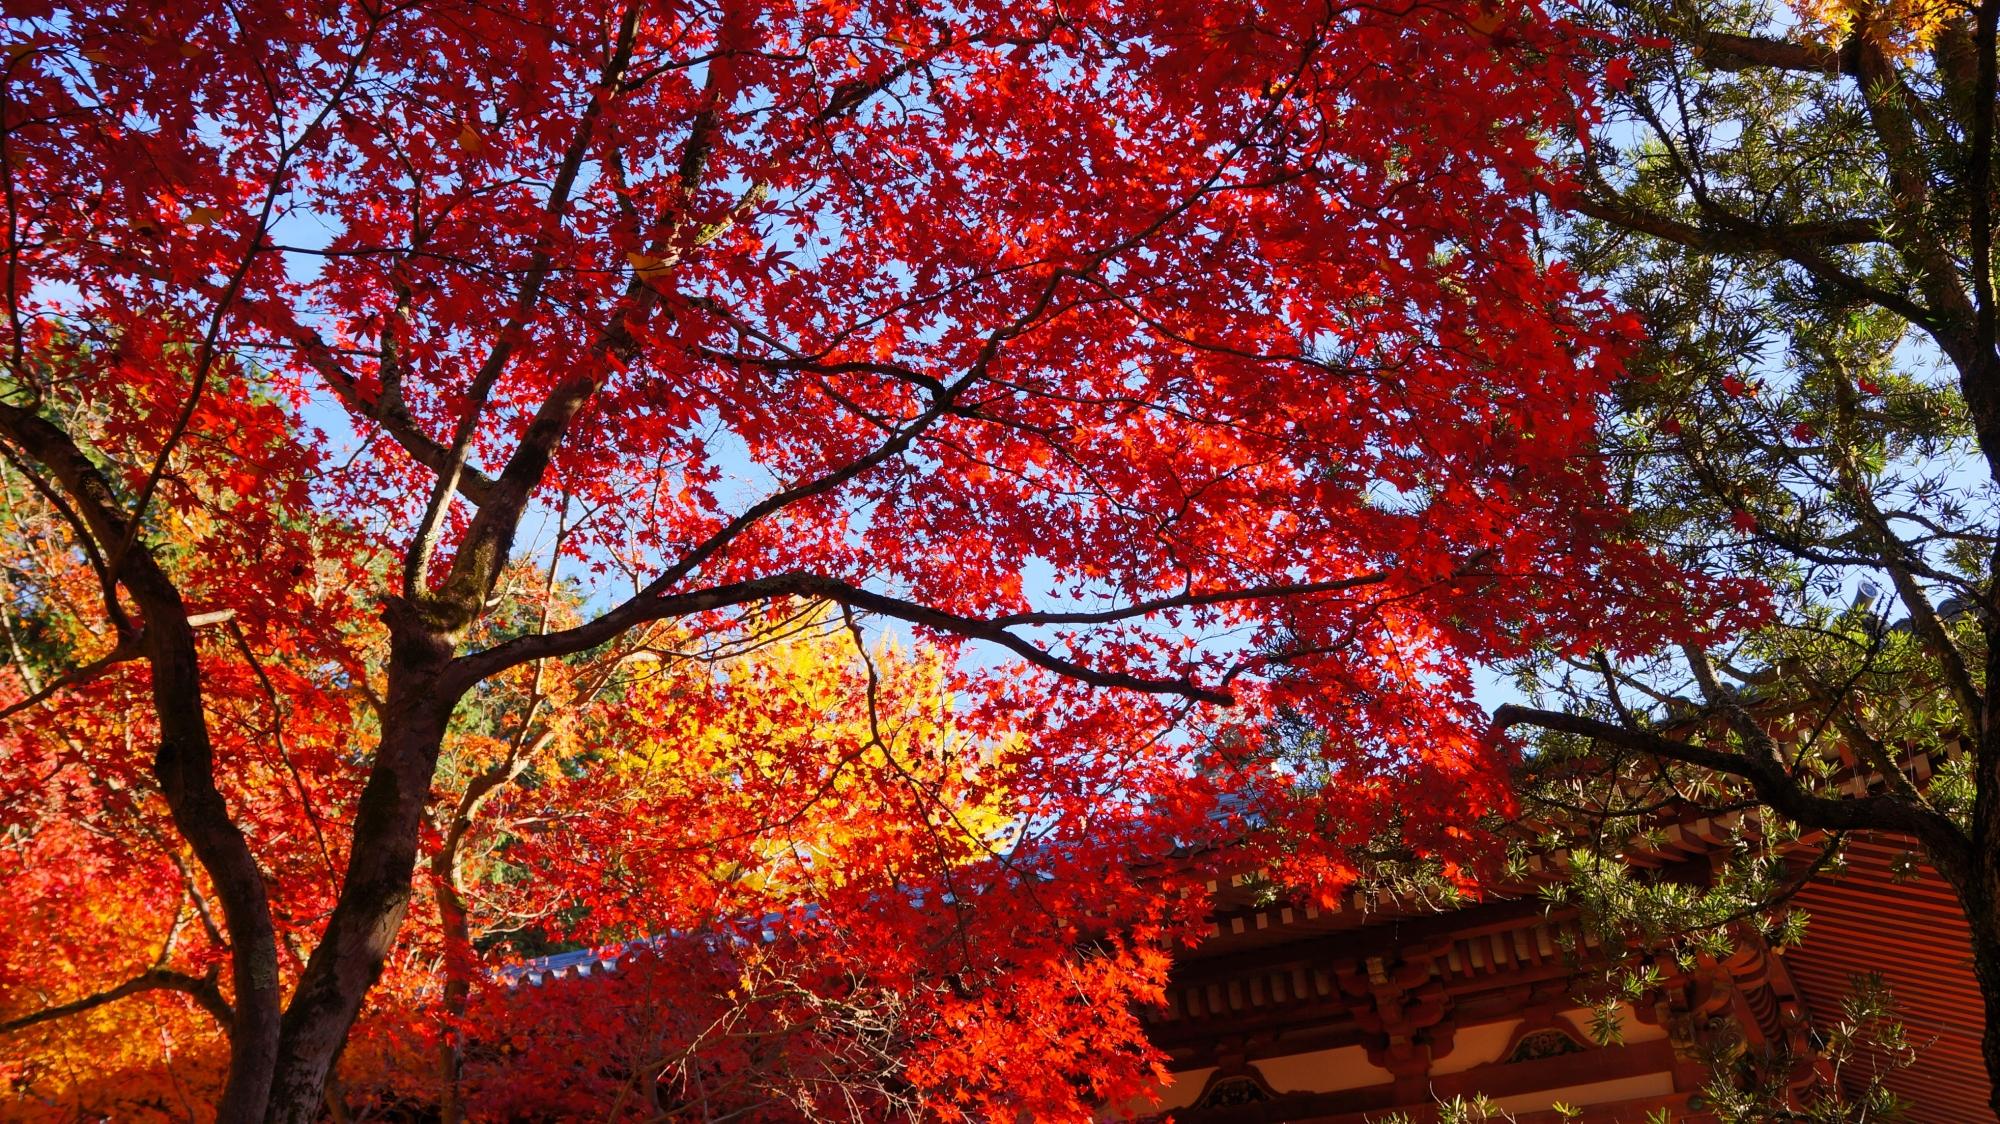 青空と観音堂を彩る真っ赤な紅葉